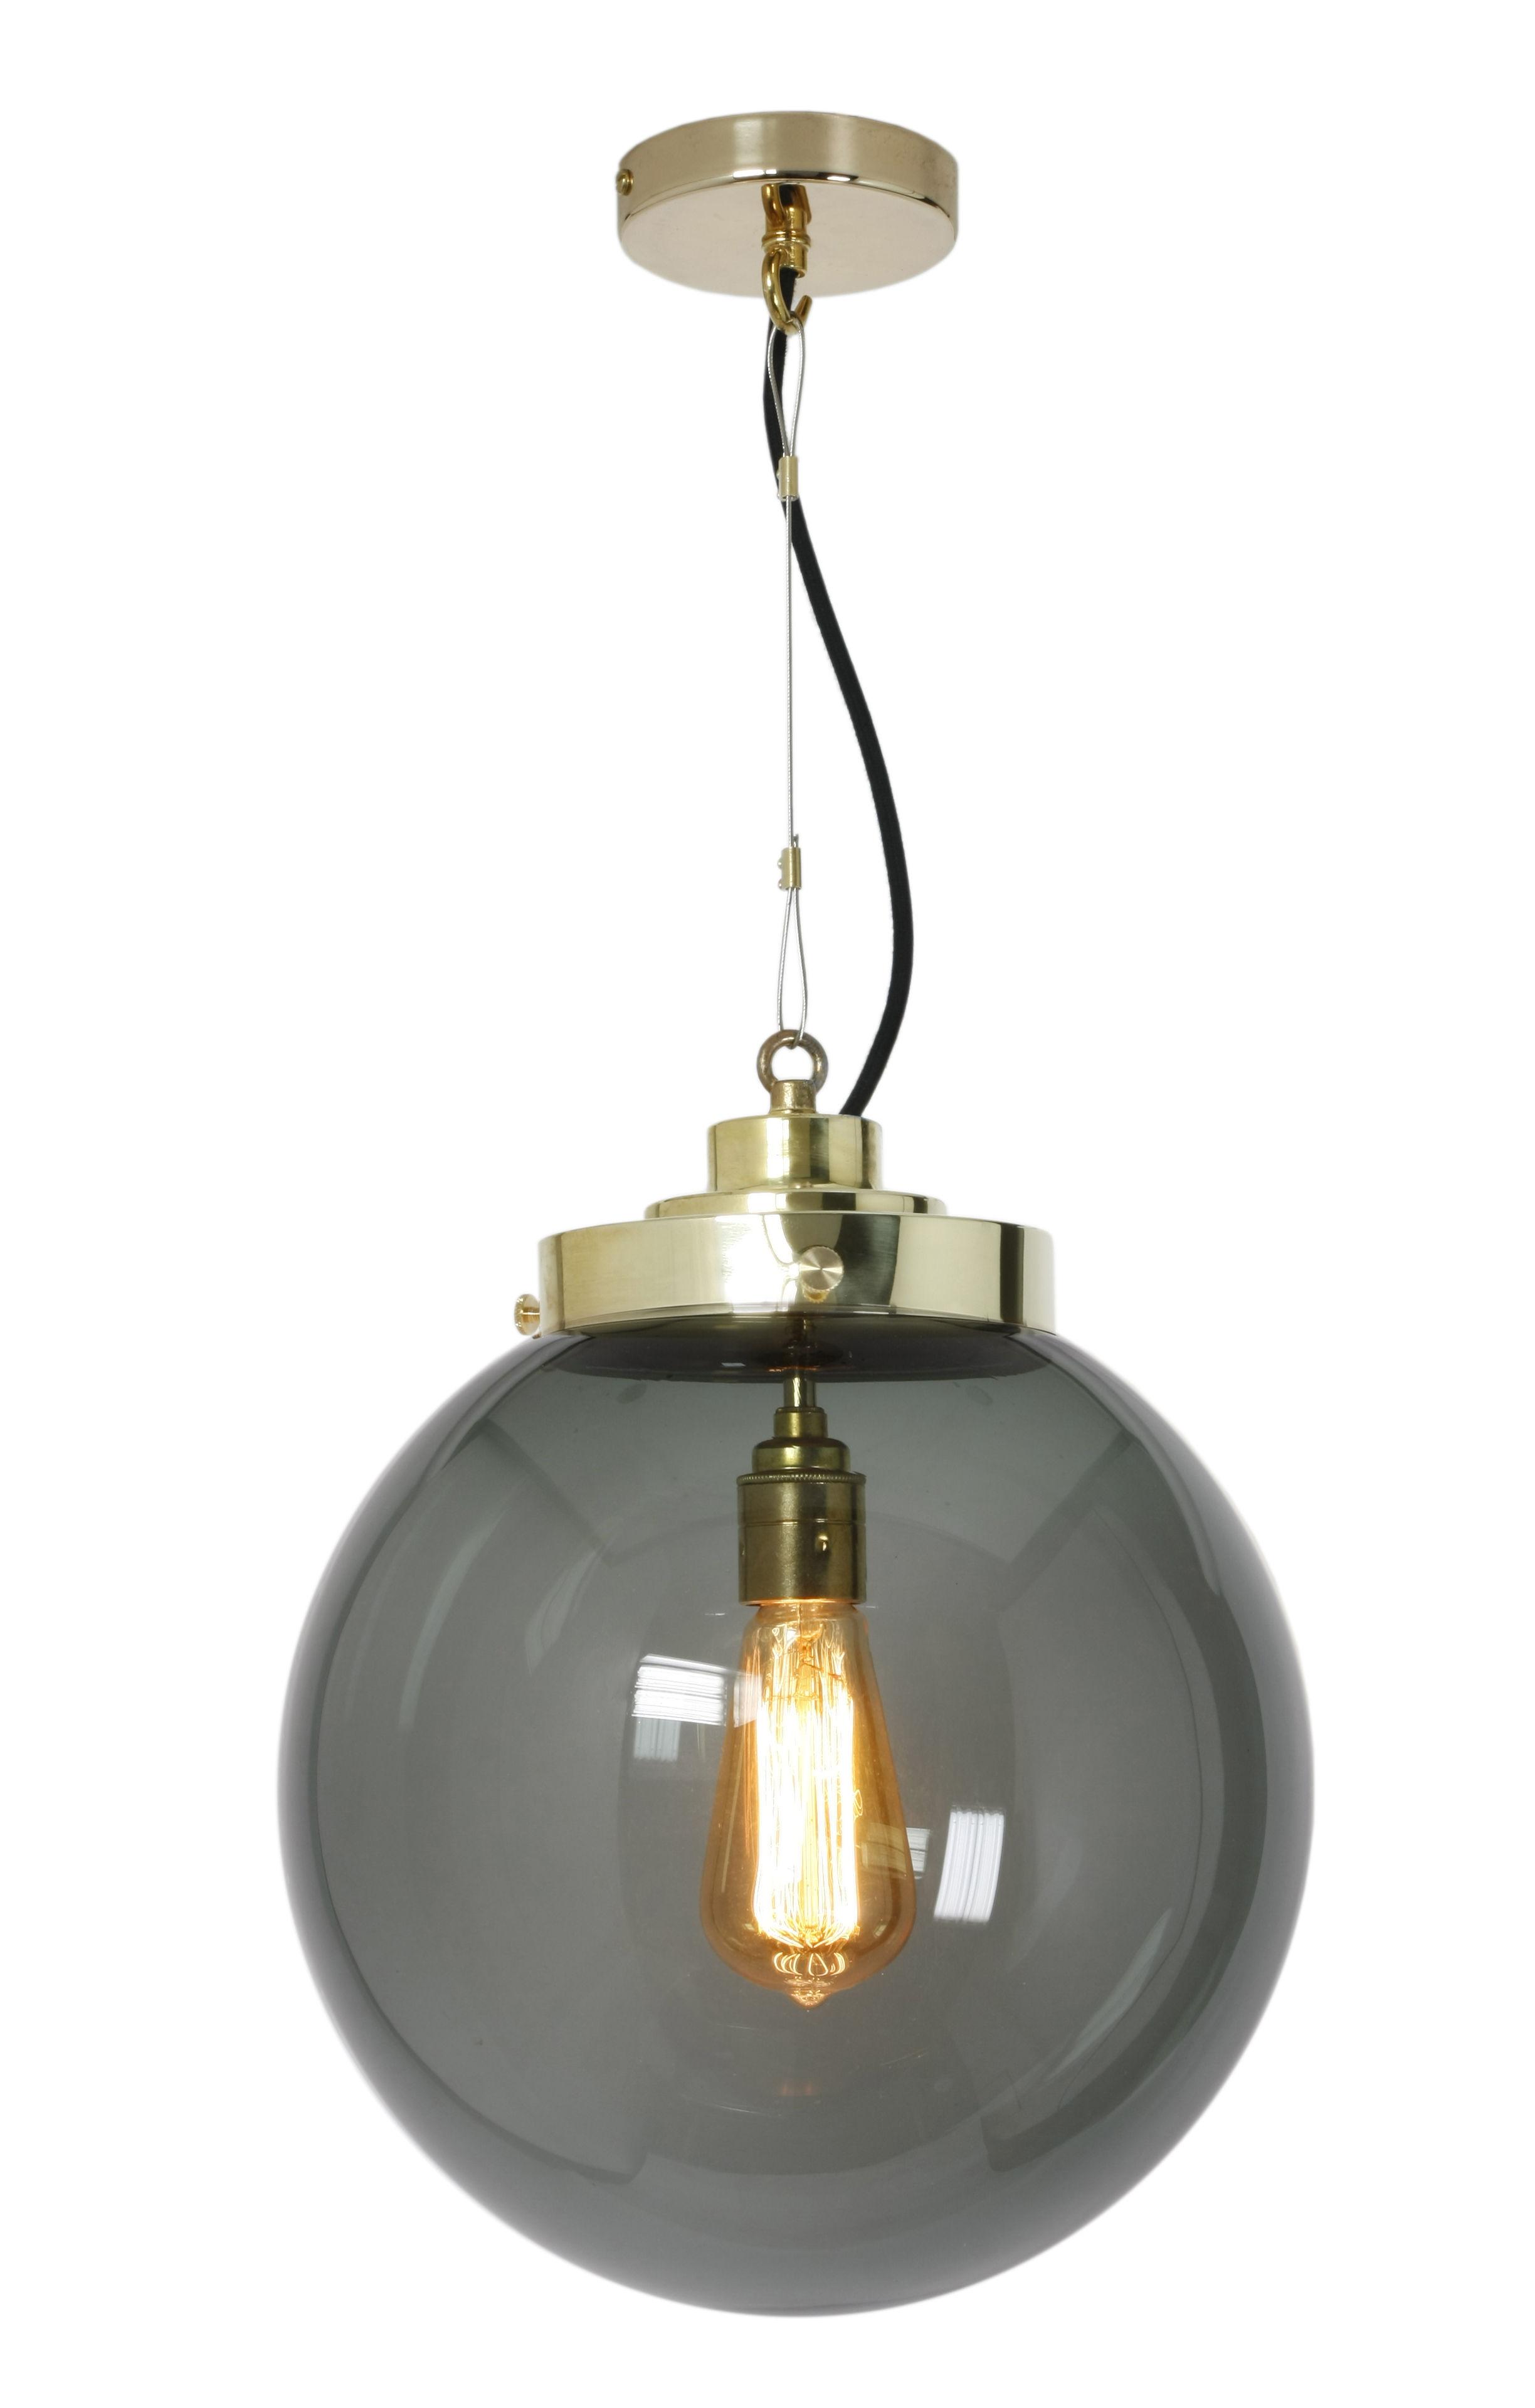 Luminaire - Suspensions - Suspension Globe Medium / Ø 30 cm - Verre soufflé - Original BTC - Verre anthracite / Laiton - Laiton poli, Verre soufflé